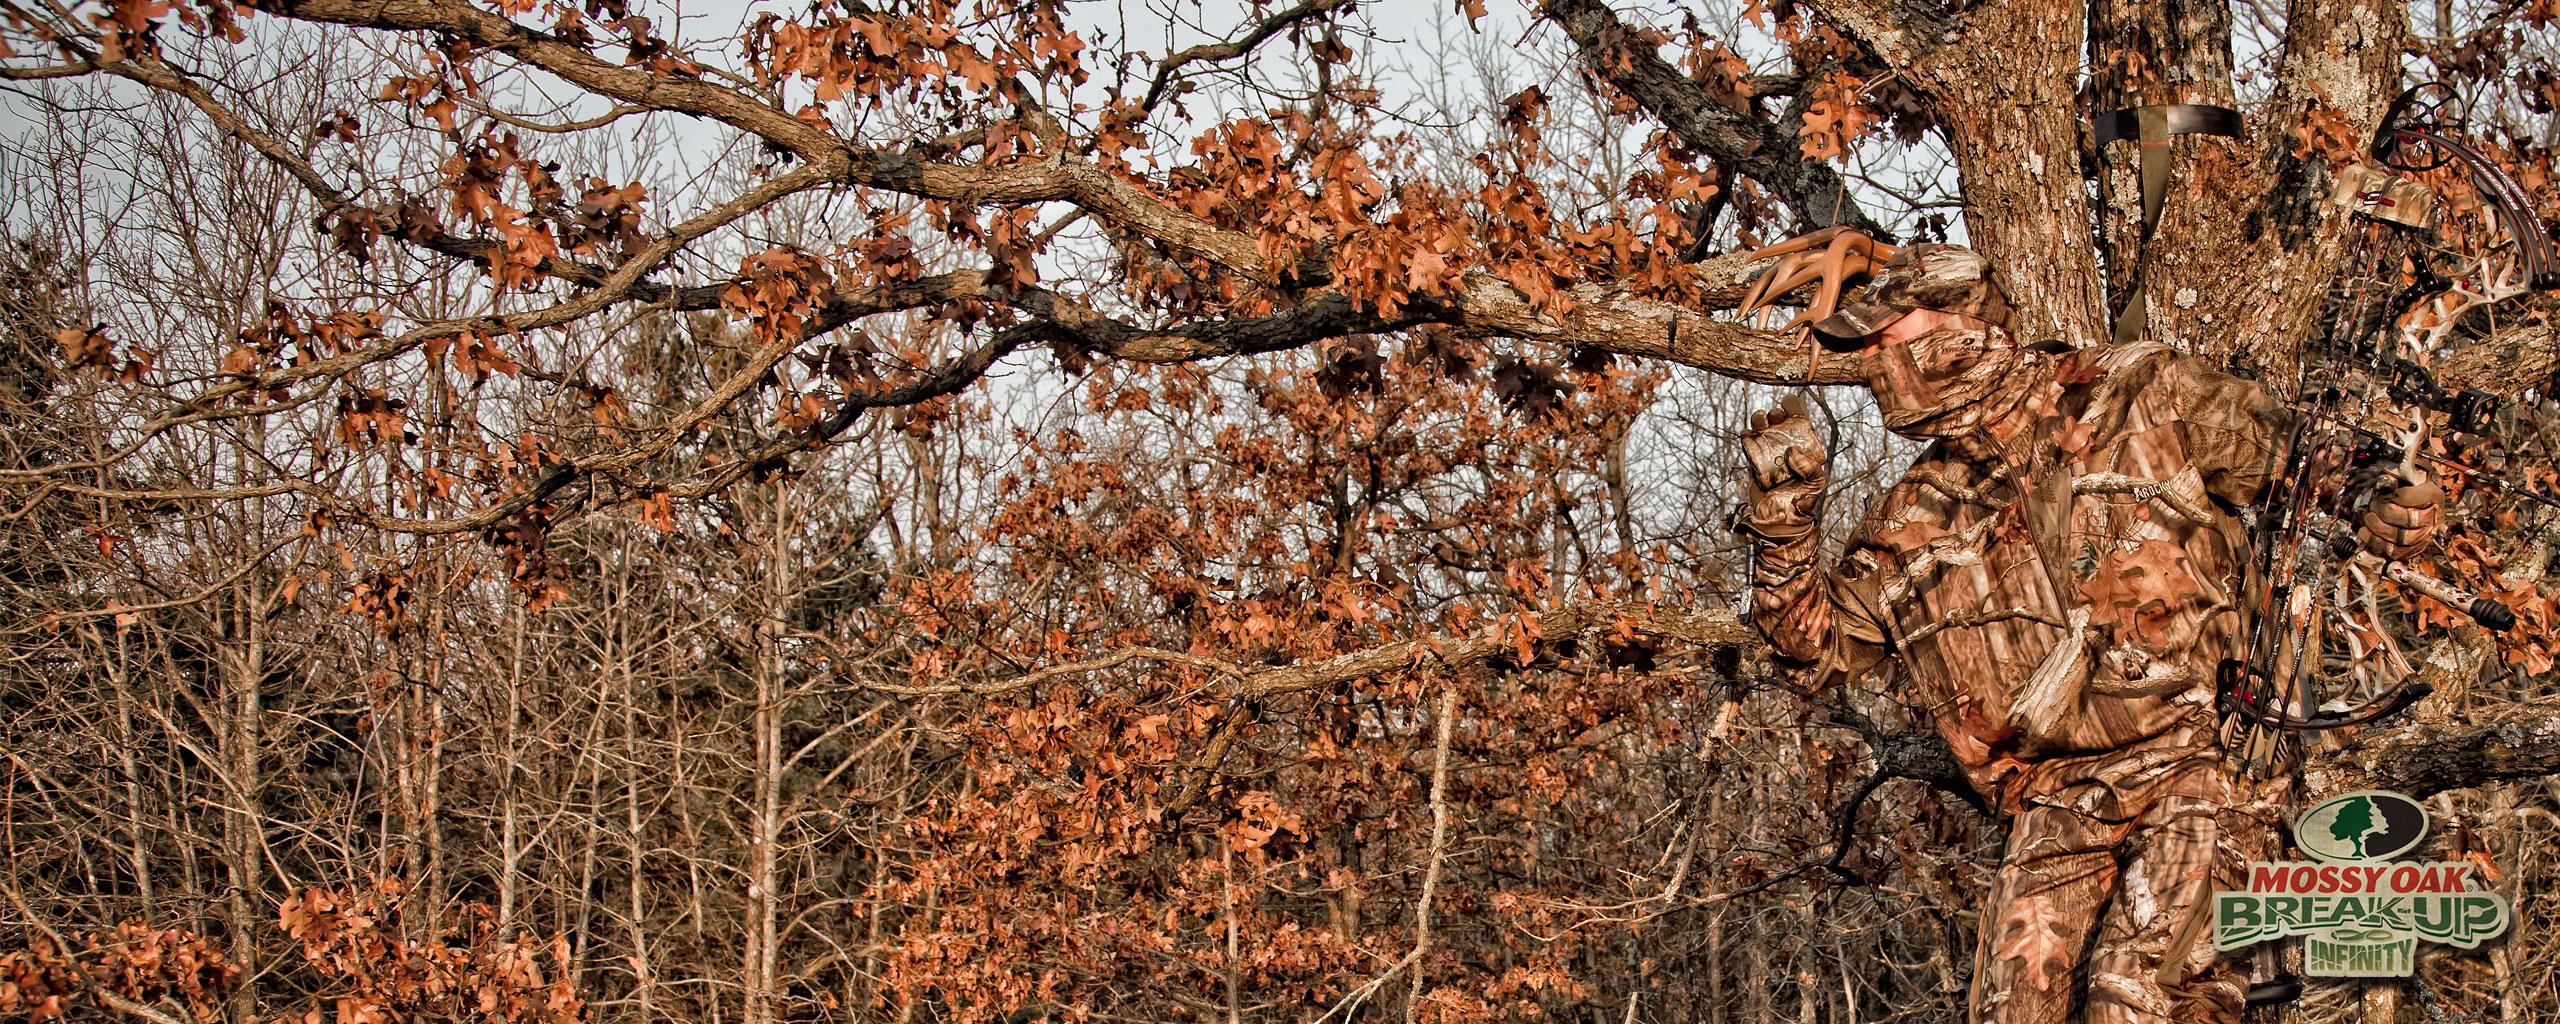 mossy oak camo wallpaper mossy oak wallpaper for mossy oak wallpaper ...